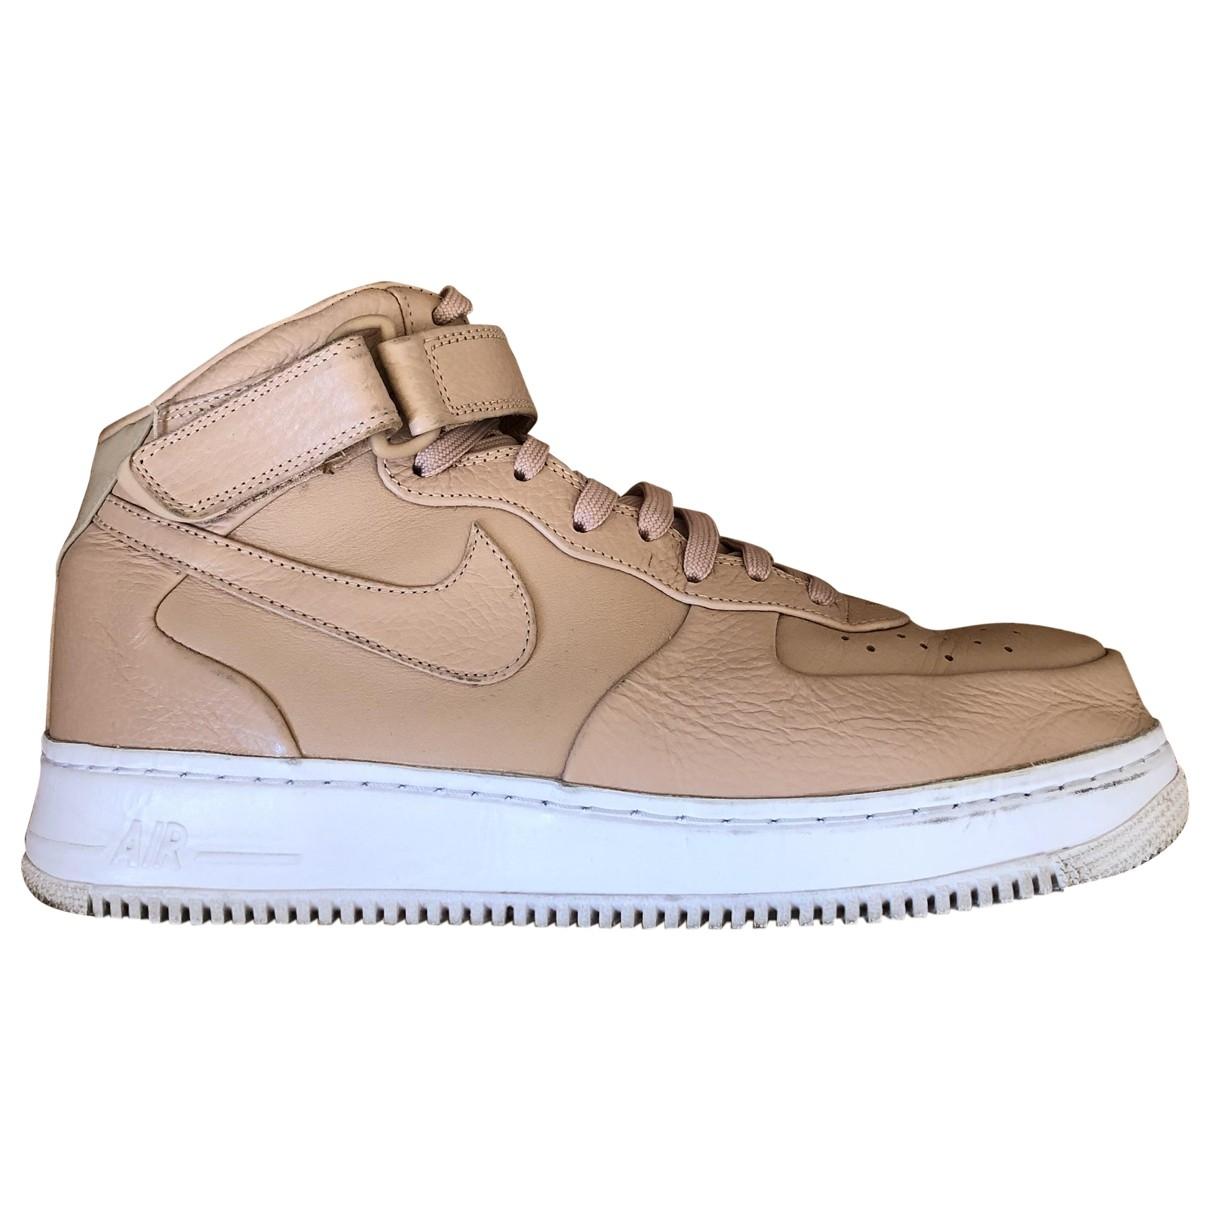 Nike - Baskets Air Force 1 pour homme en cuir - beige